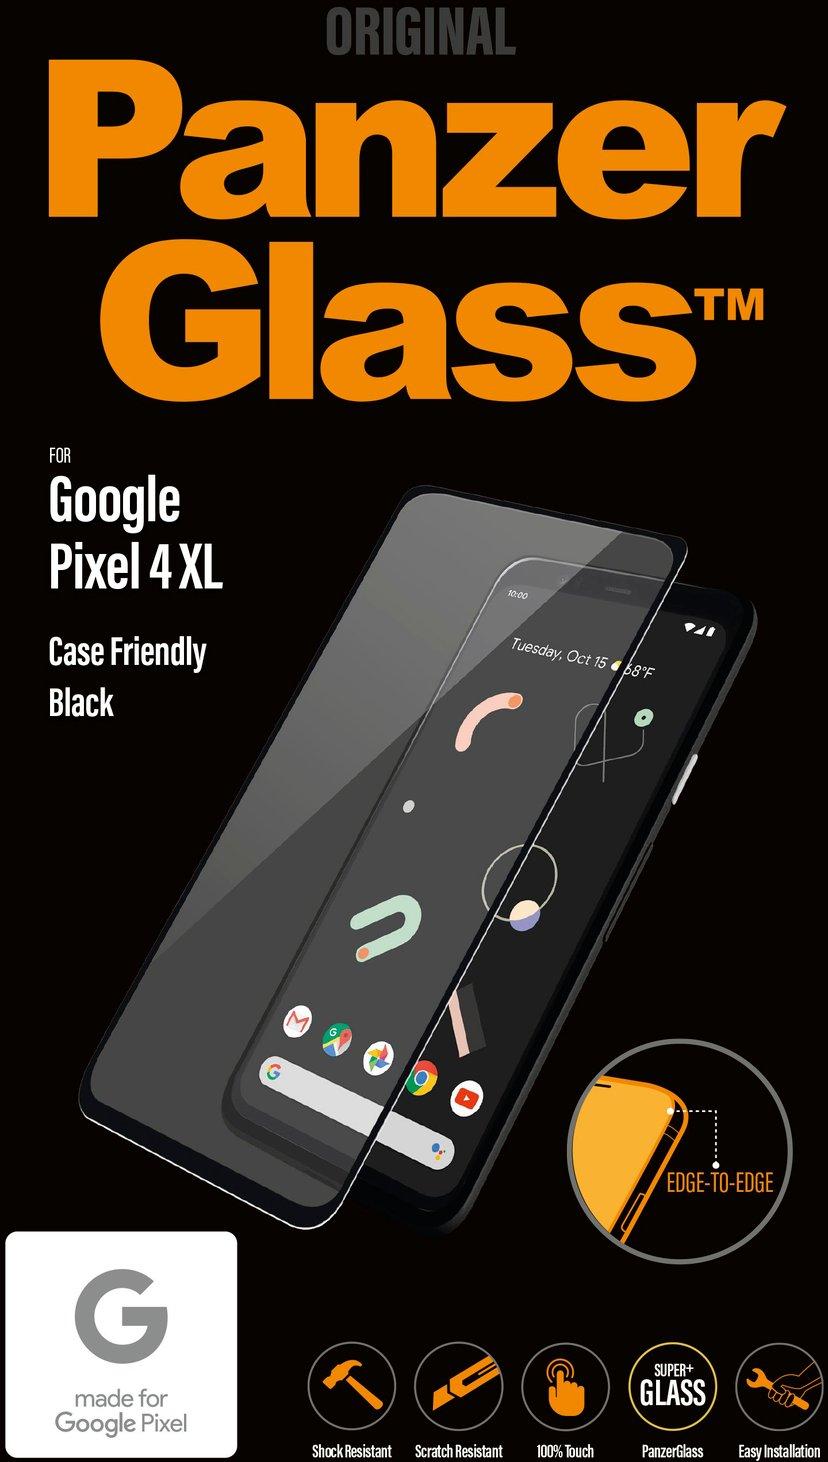 Panzerglass Case Friendly Google Pixel 4 XL